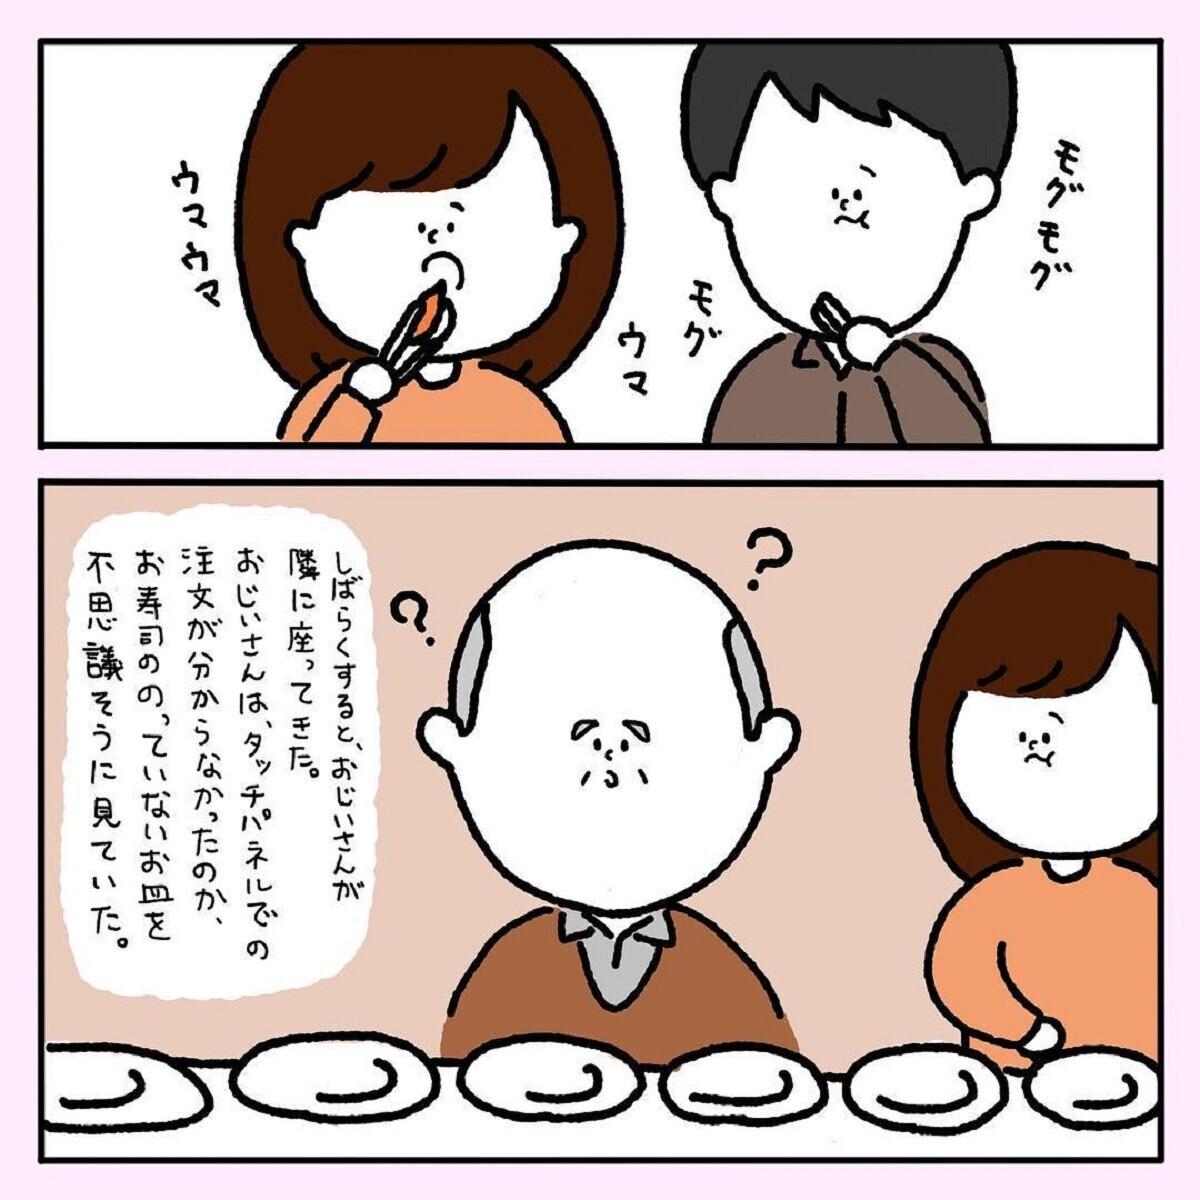 お寿司屋さんで隣におじいさんが座ったけれど、タッチパネルでの注文がわからなかったのか、お寿司ののっていないお皿を不思議そうに見ていた